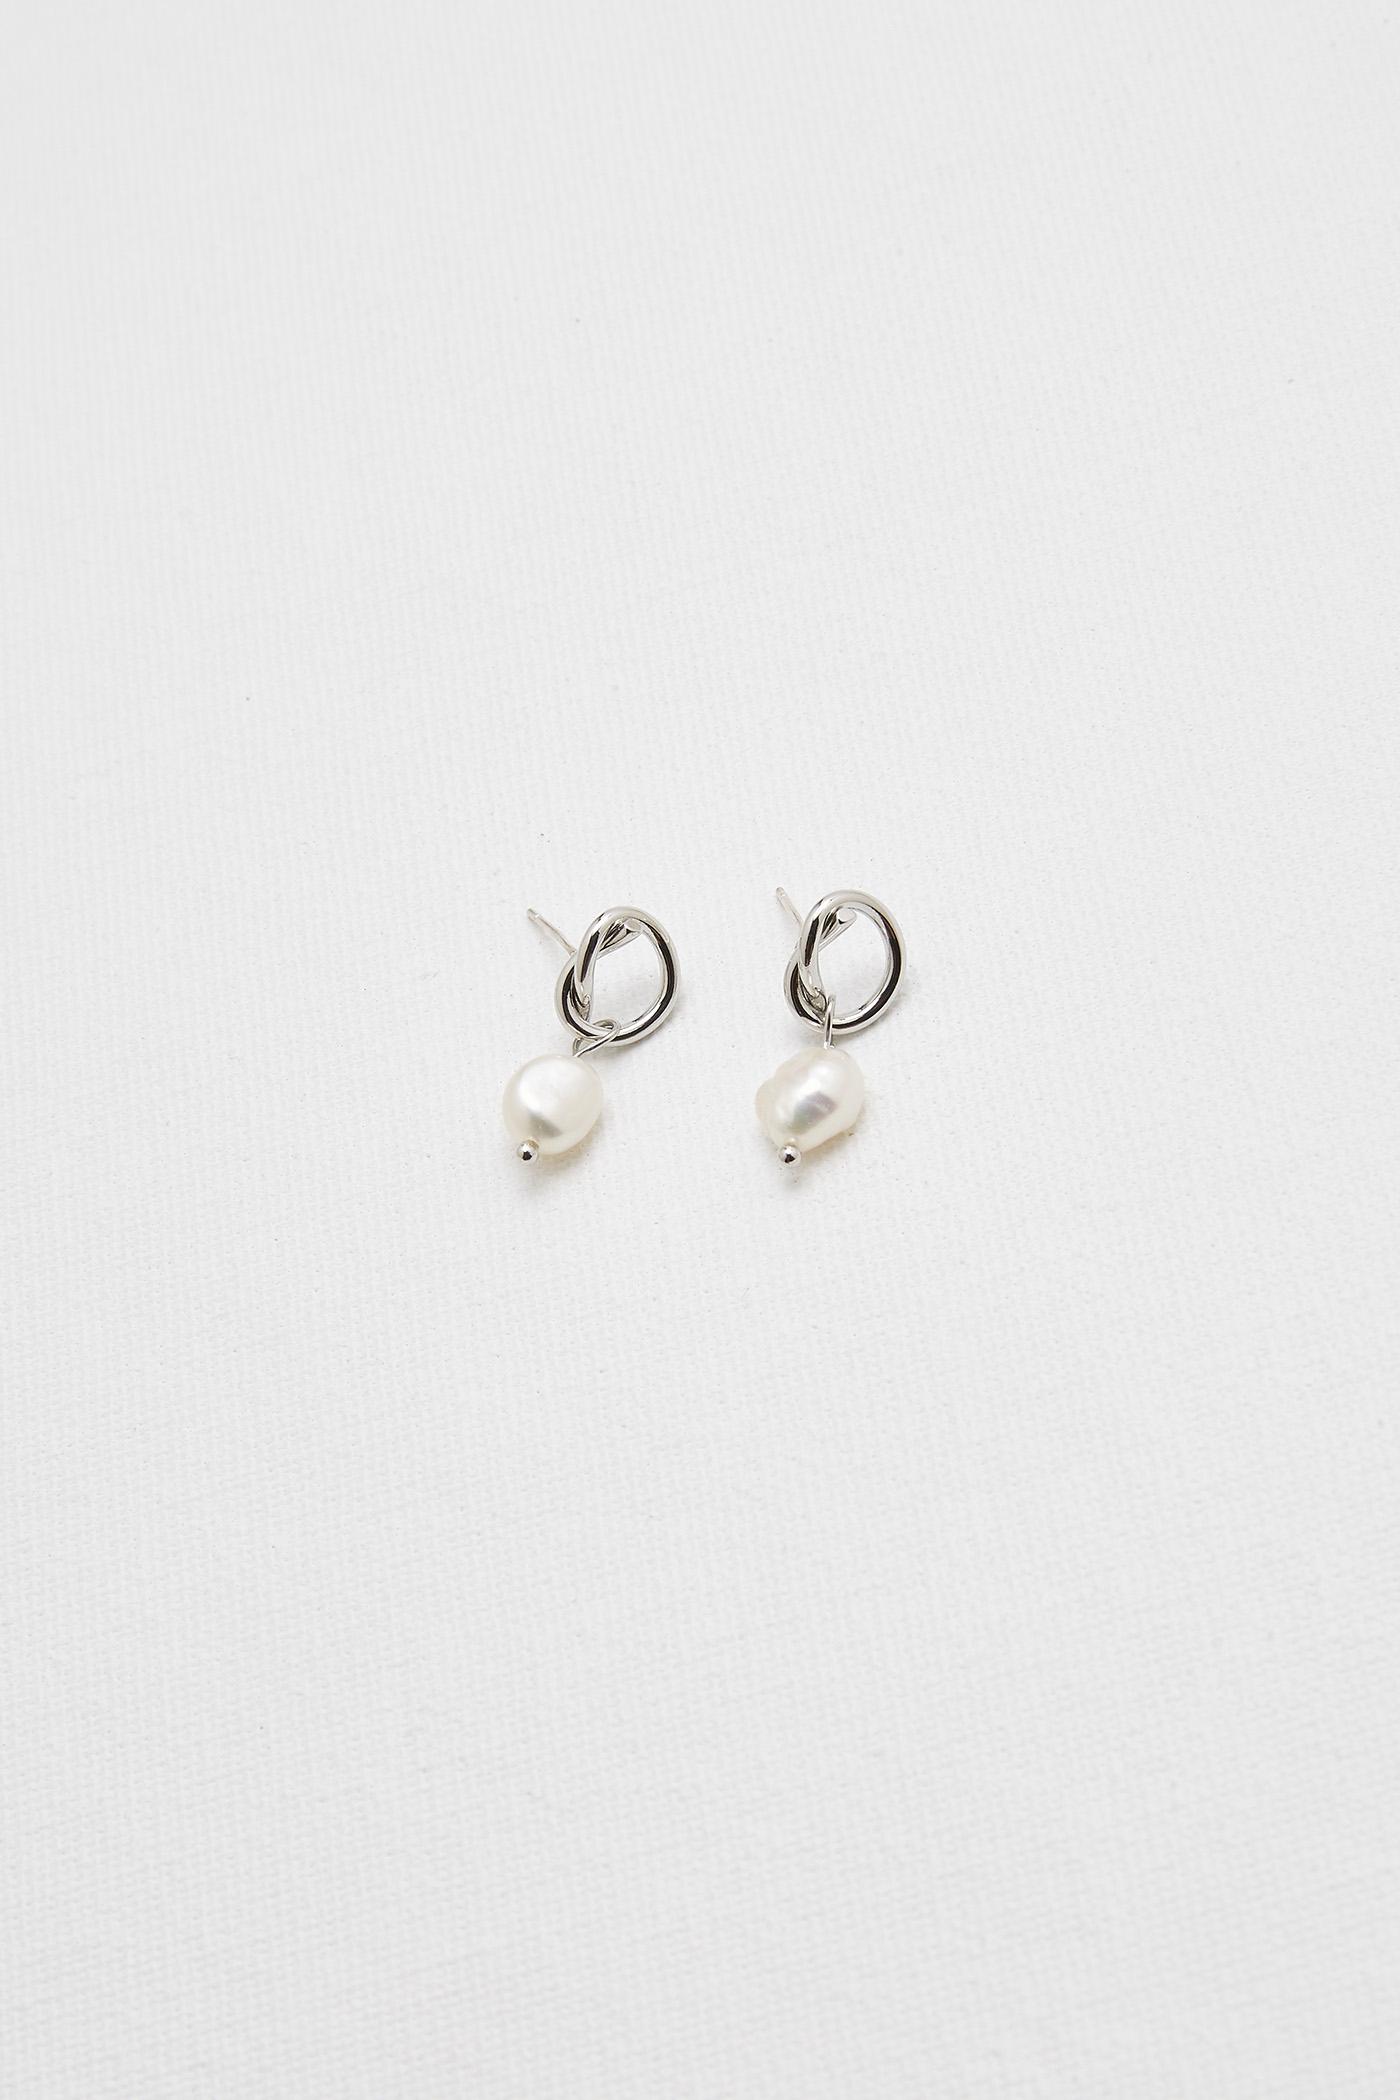 Edolie Earrings